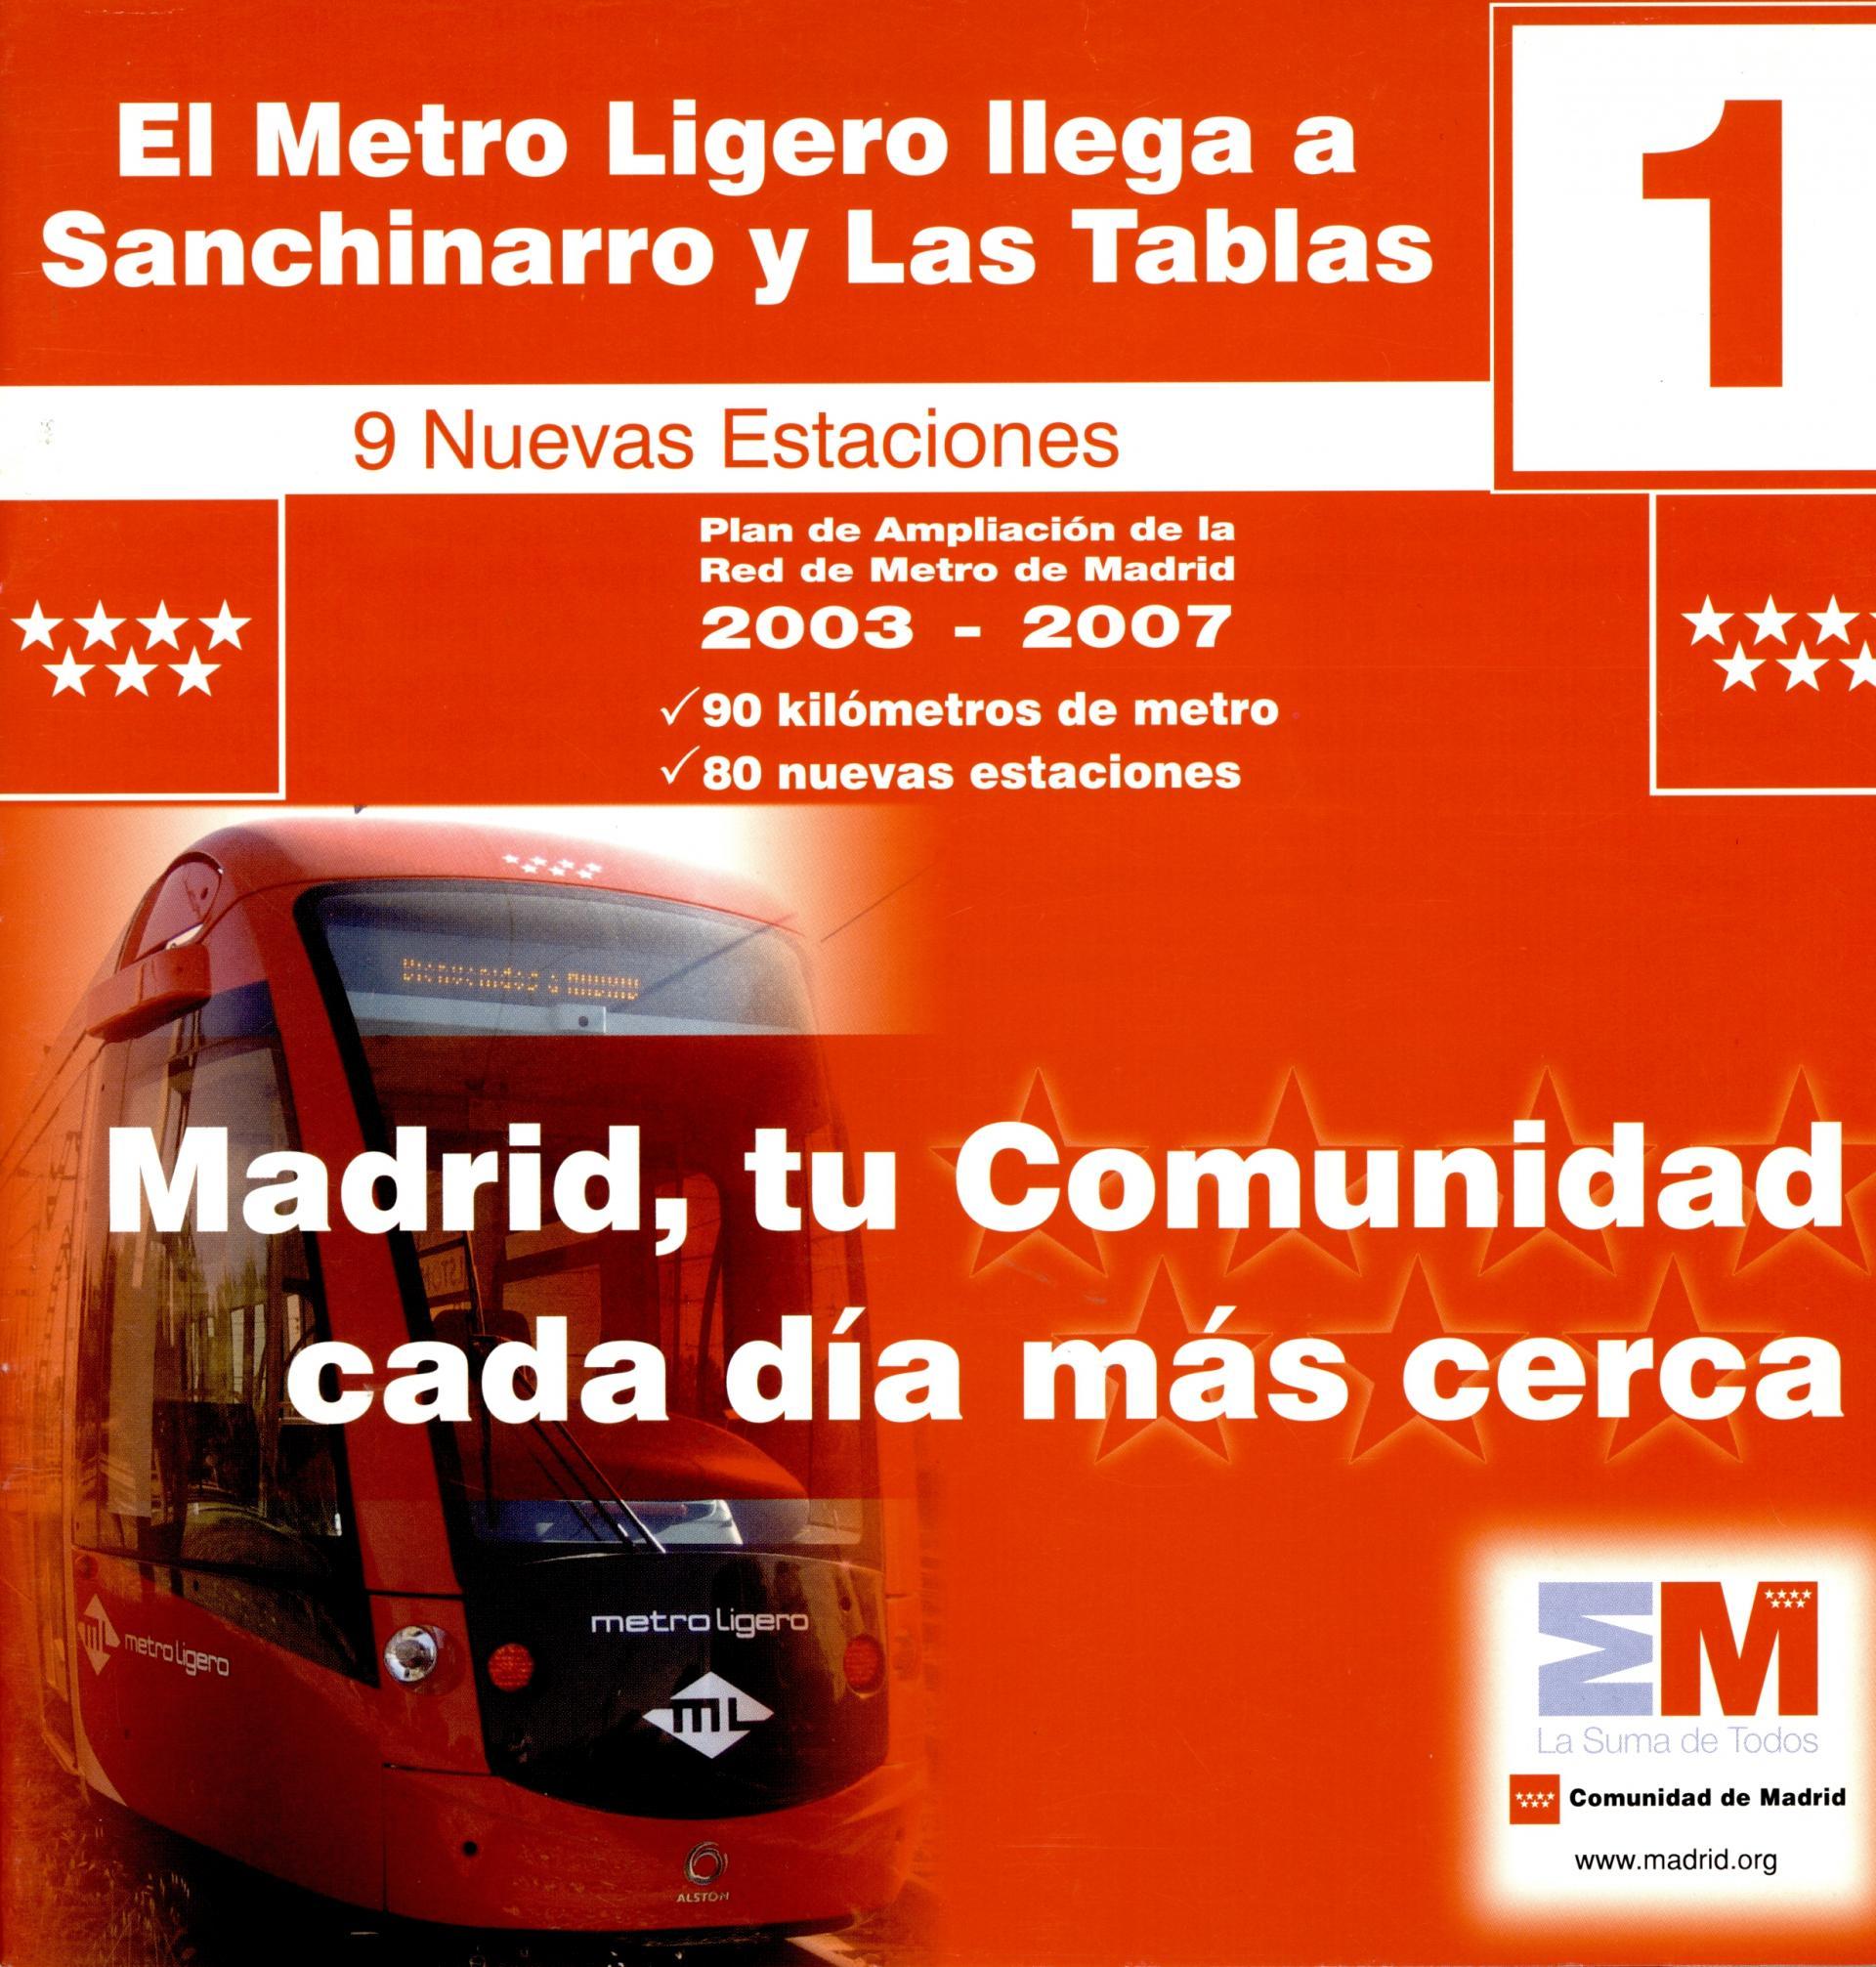 Carátula el metro ligero llega a Sanchinarro